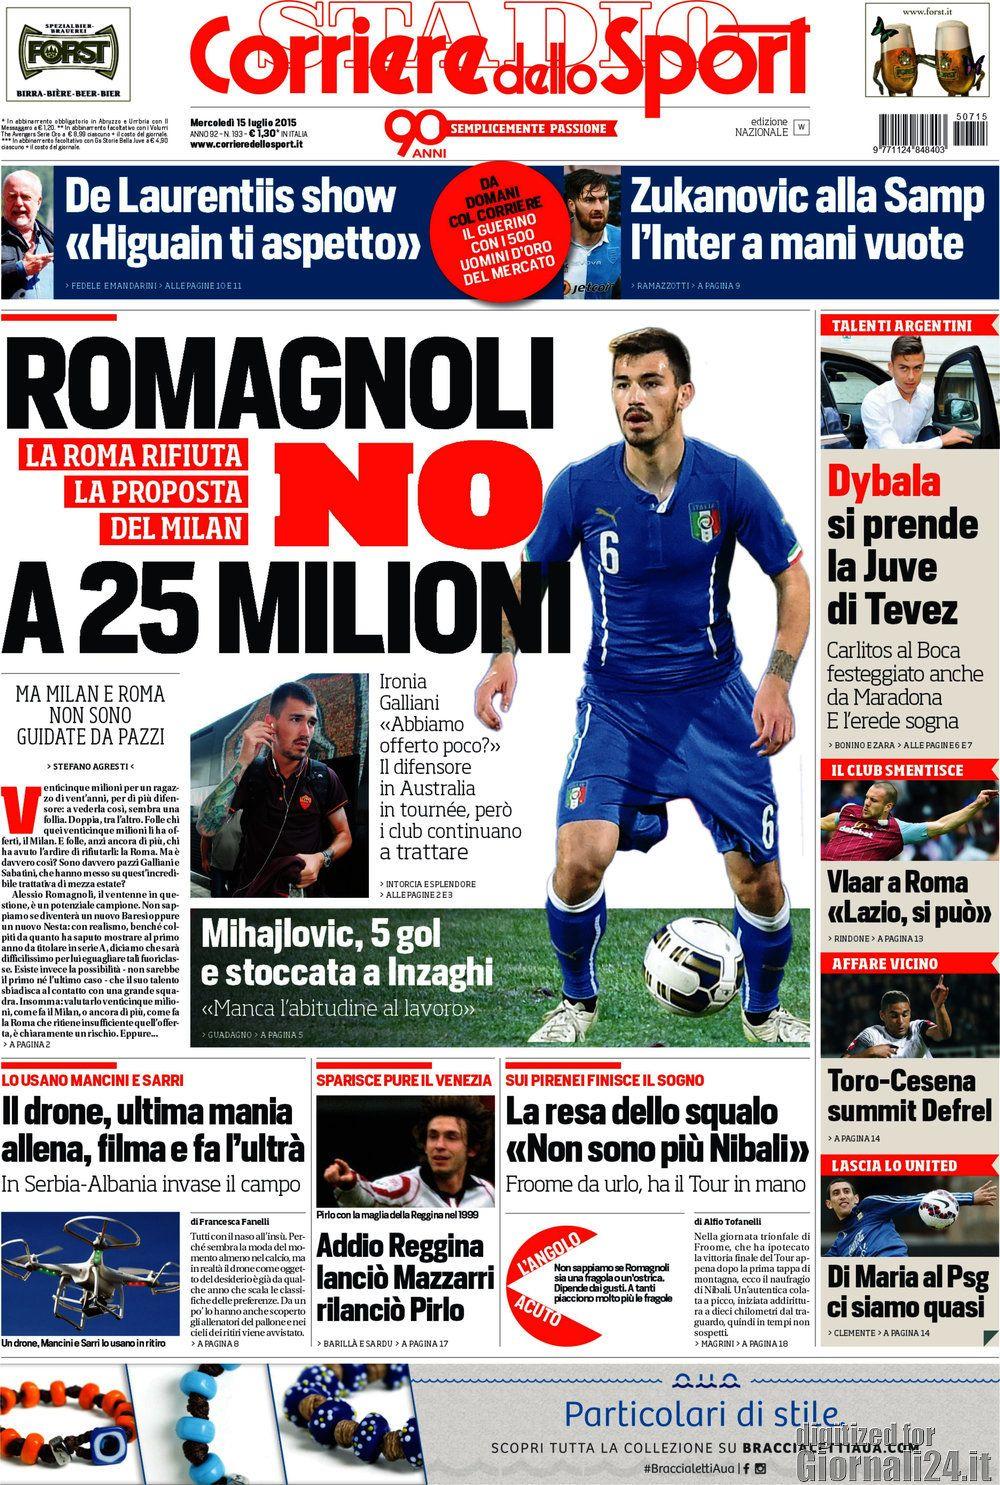 Corriere dello Sport 15-07-2015